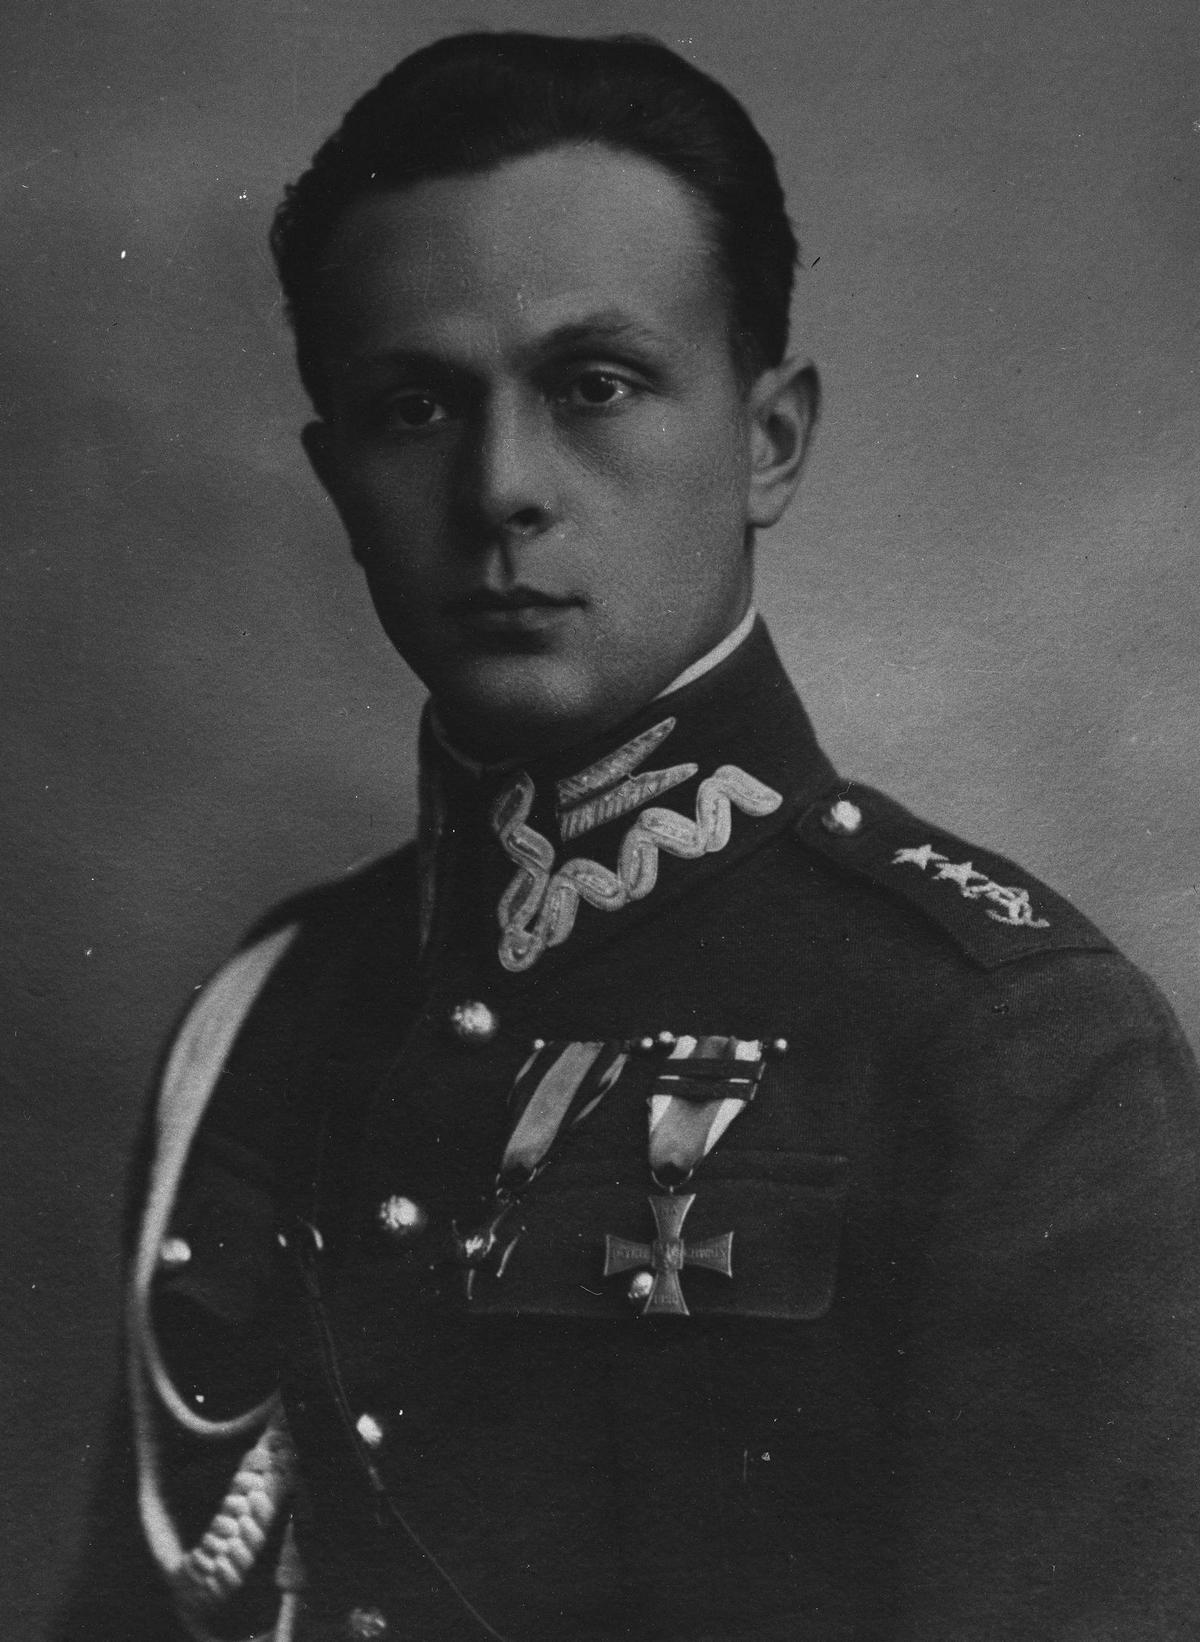 Adiutant marszałka Józefa Piłsudskiego rotmistrz Aleksander Hrynkiewicz.